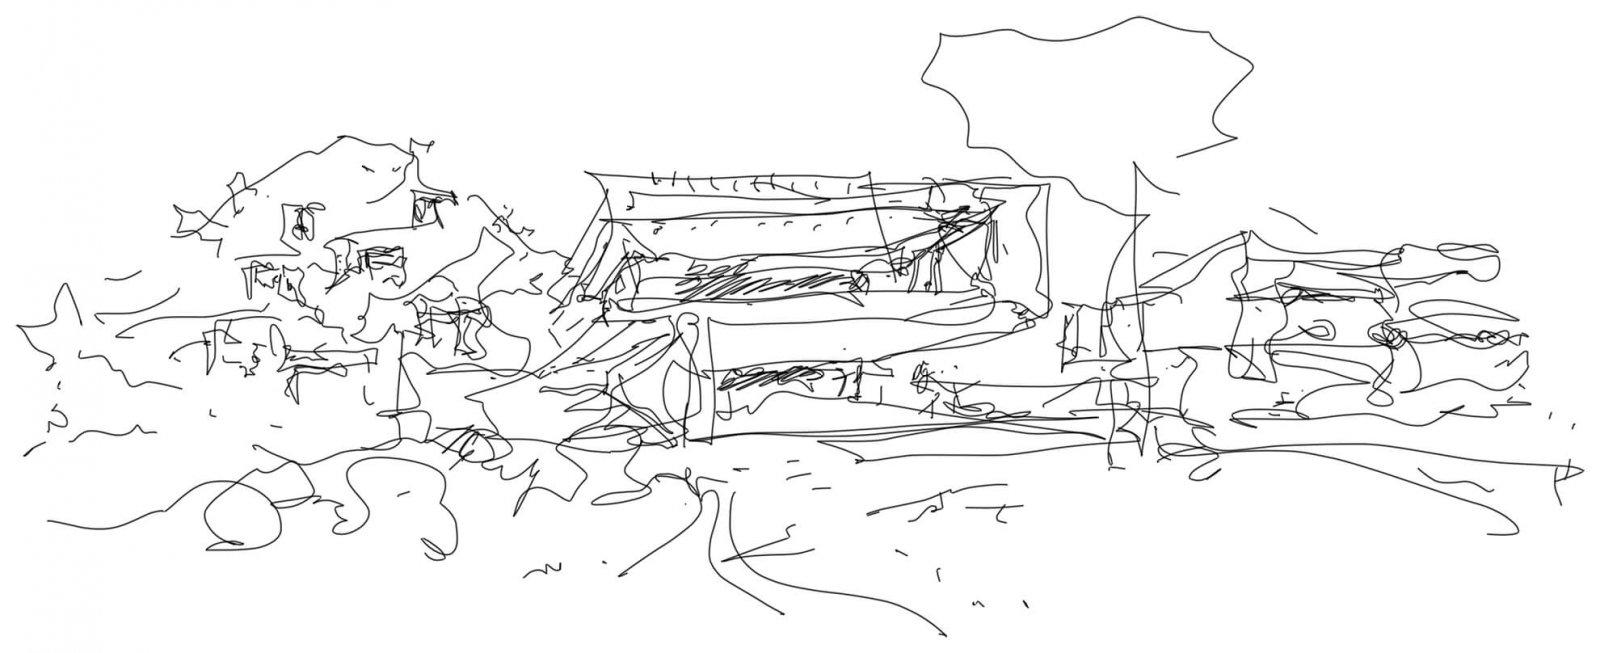 Talamanca II sketch